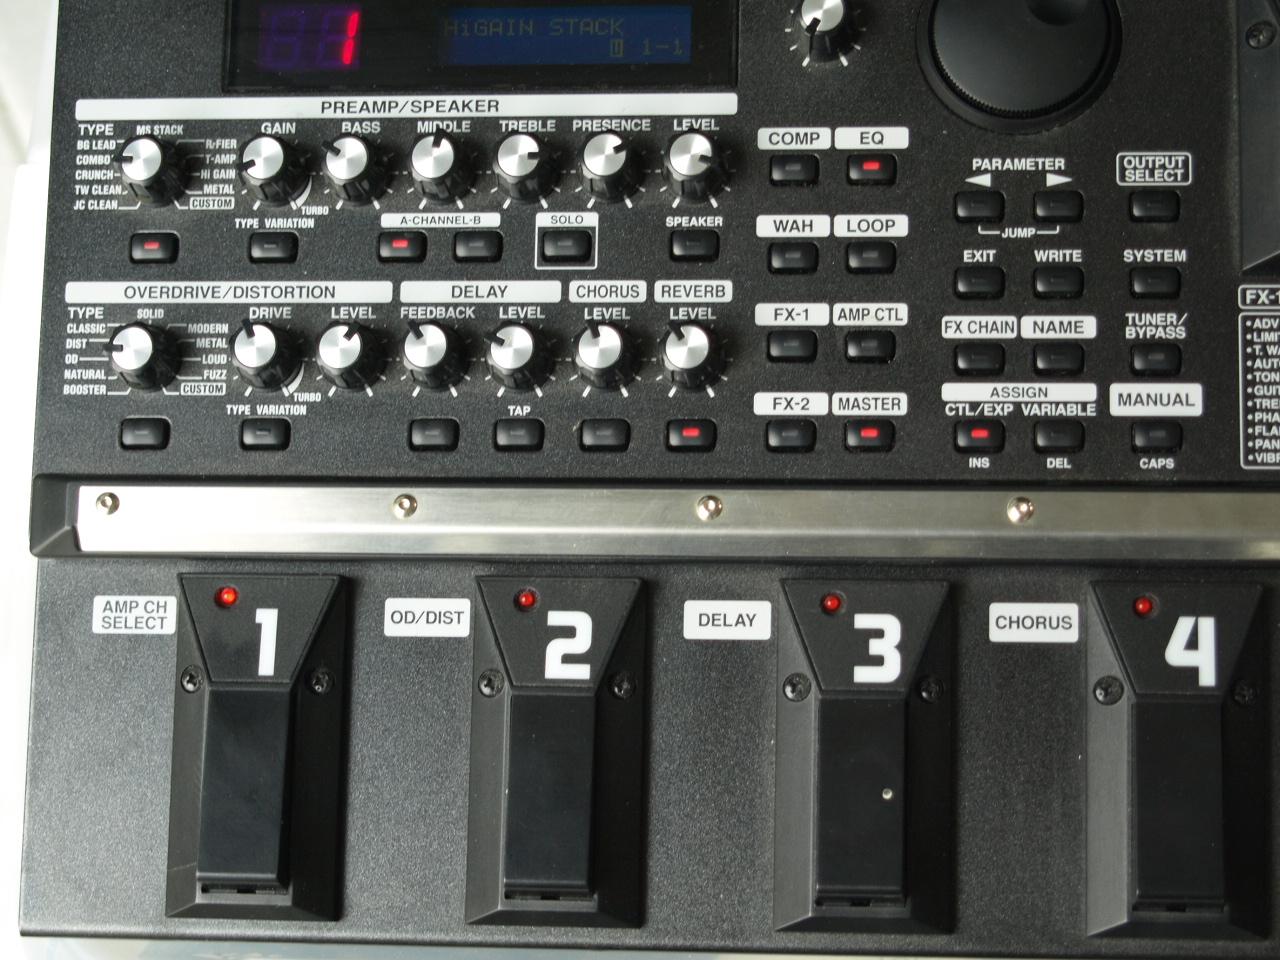 boss gt 8 image 391573 audiofanzine rh en audiofanzine com boss gt 8 manual mode boss gt 8 user guide